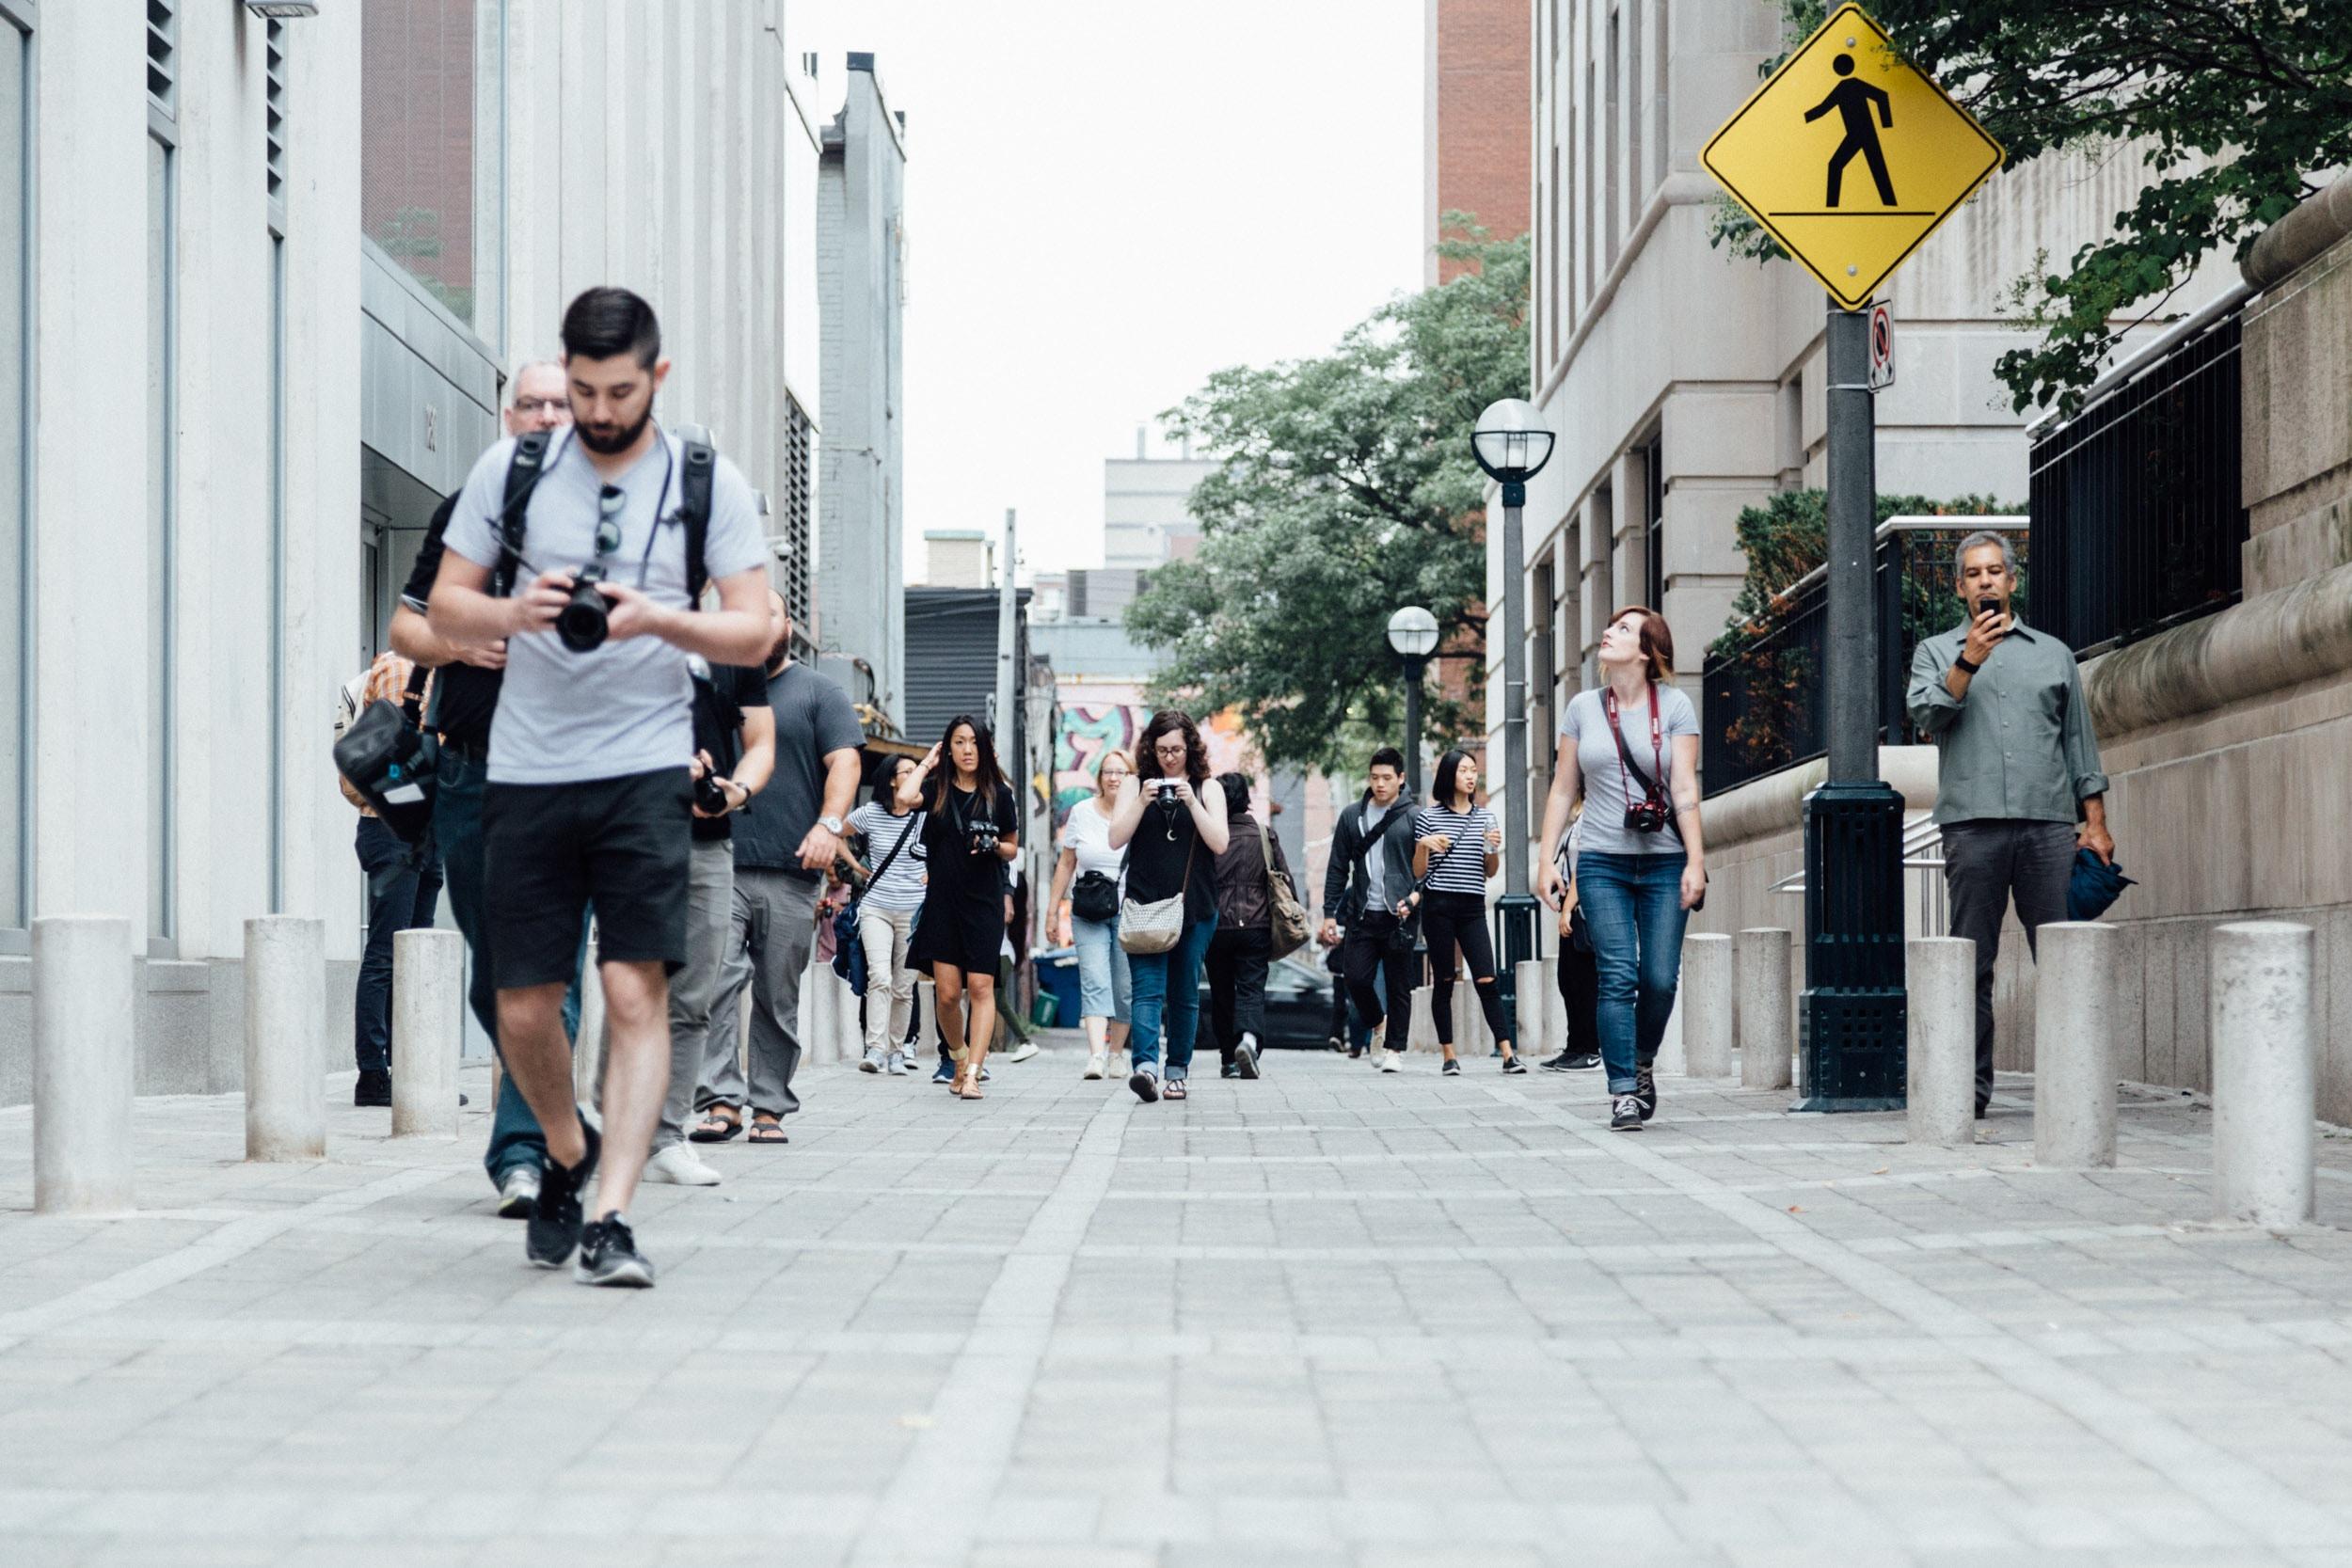 Even better when you walk, make eye contact. [Photo by  Matt Quinn on  Unsplash ]